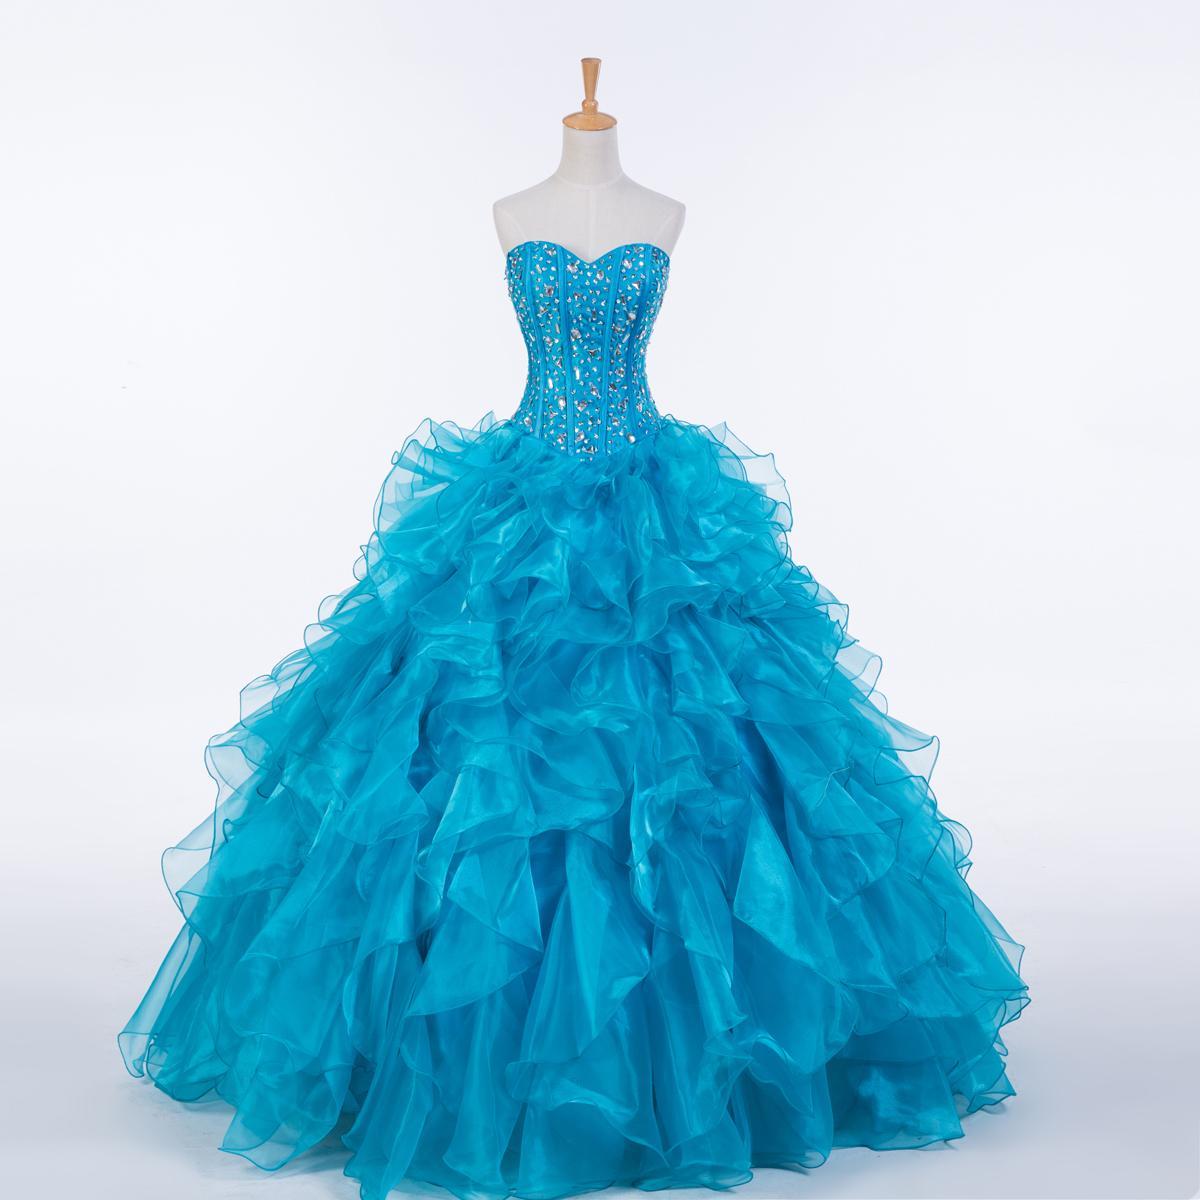 Nova Ruffled Organza vestido de Baile Vestido Quinceanera 2016 Querida Cristal Prom Vestidos Real Photo Drop Shipping